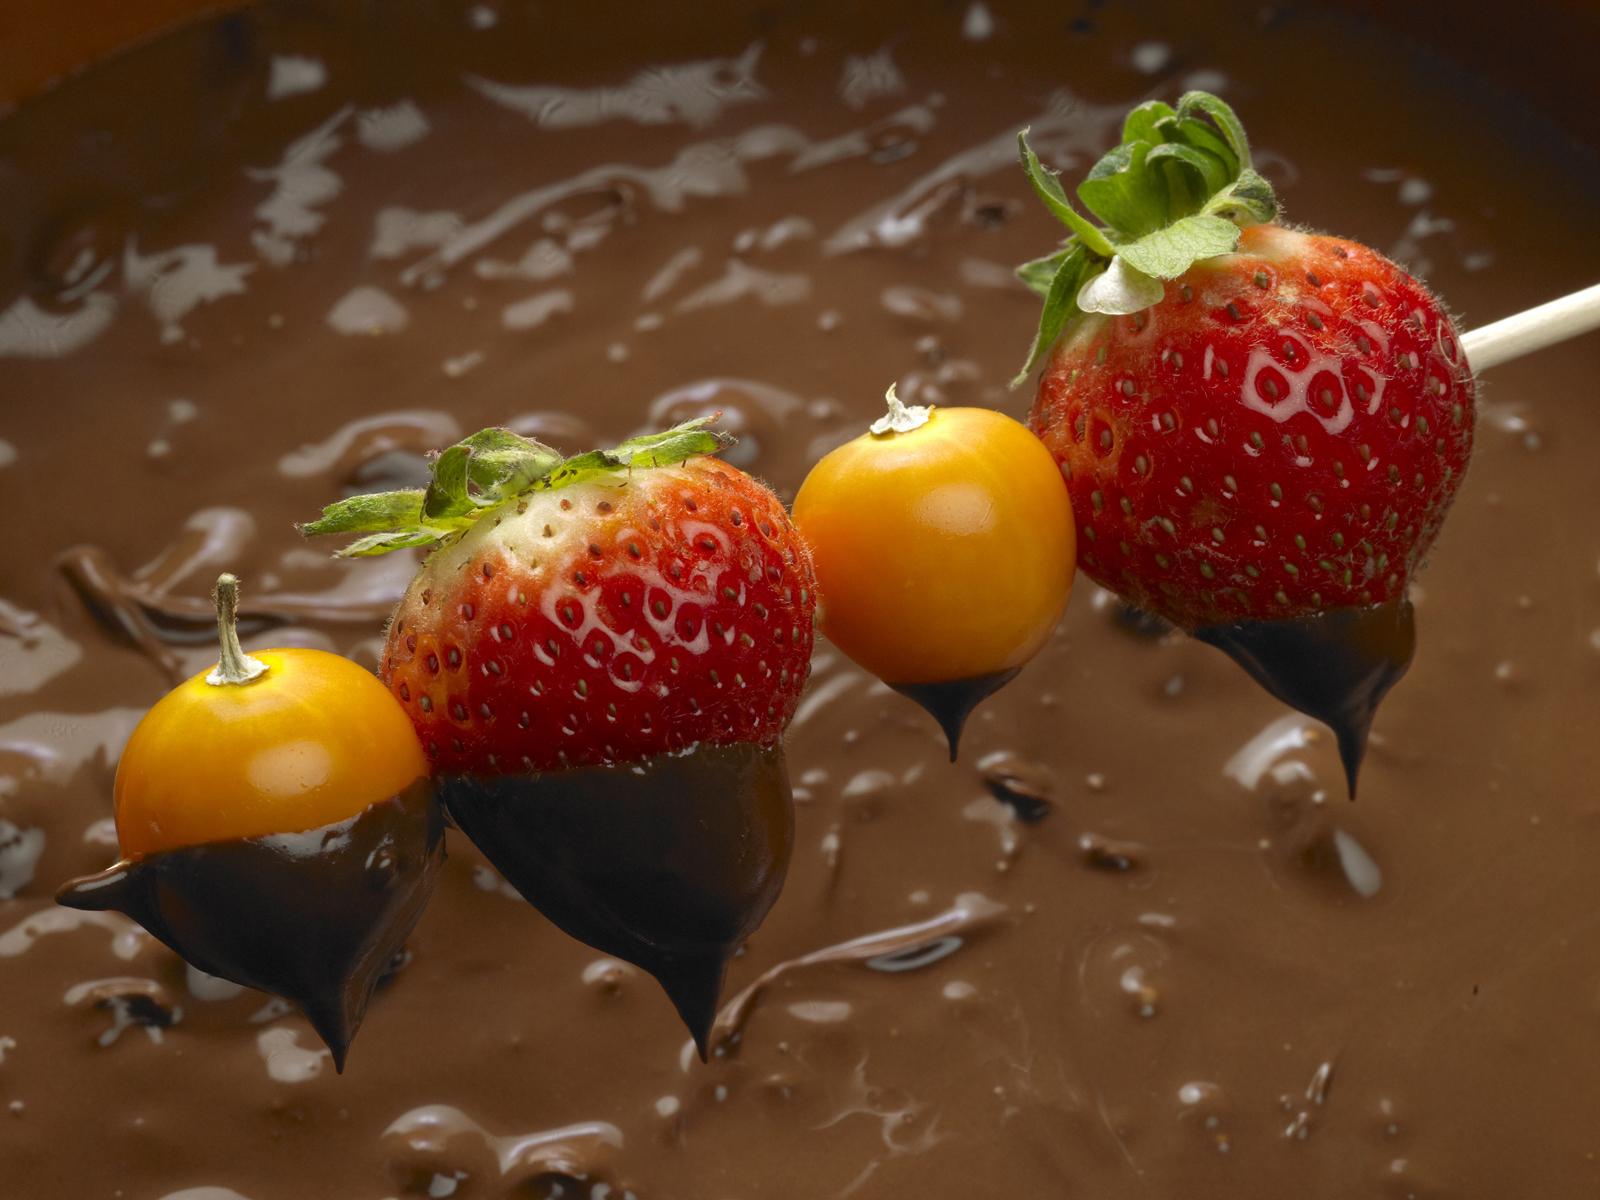 фрукты в шоколаде, скачать фото, обои для рабочего стола